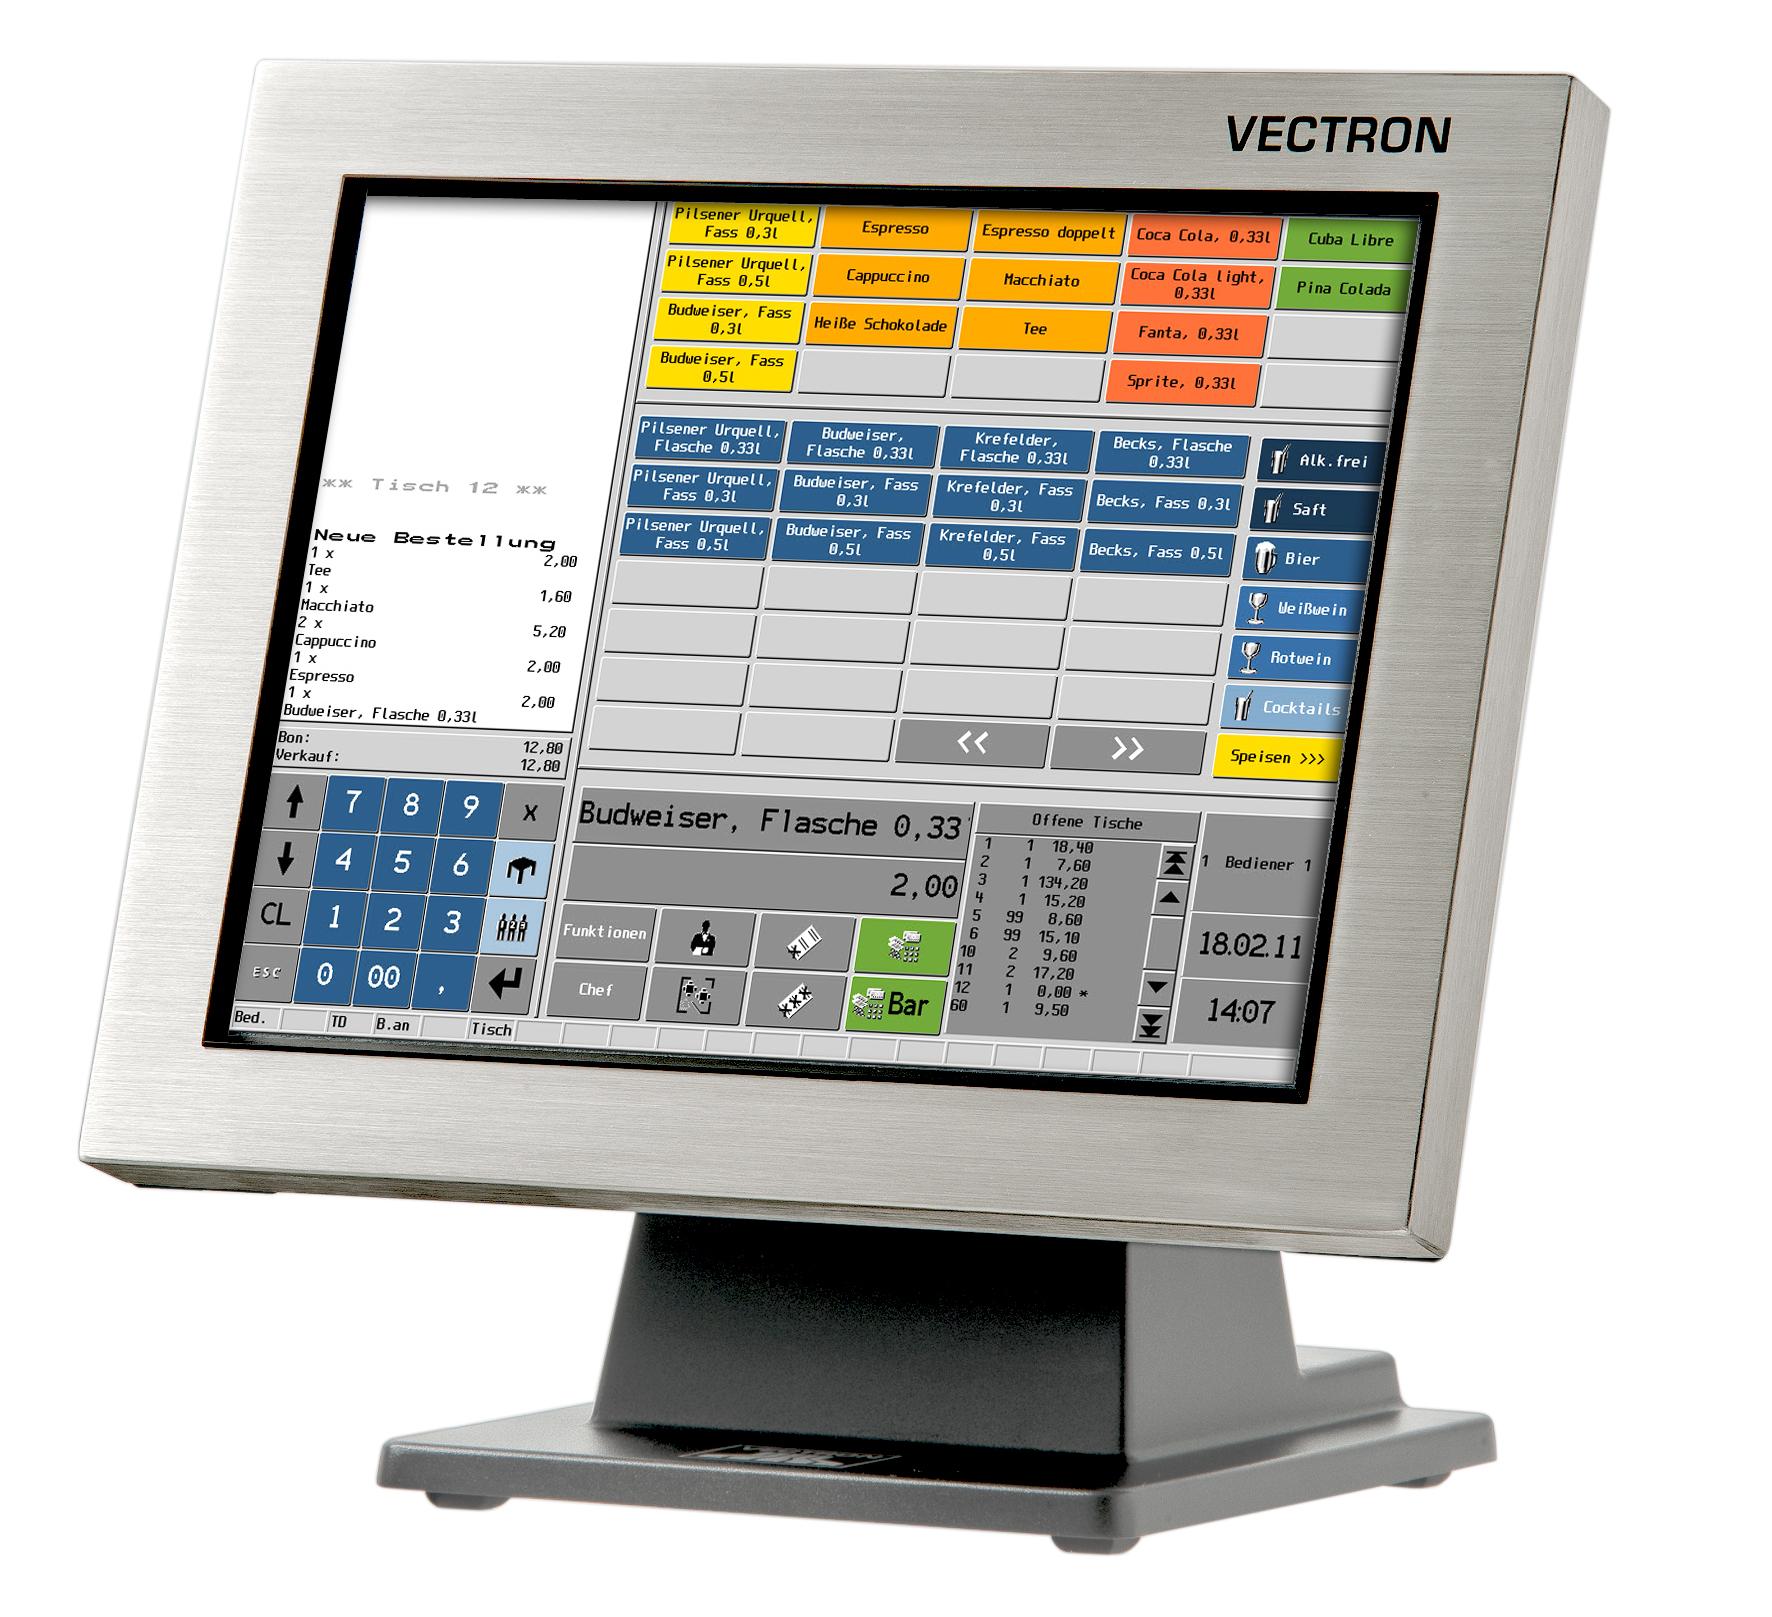 Vectron POS SteelTouch II